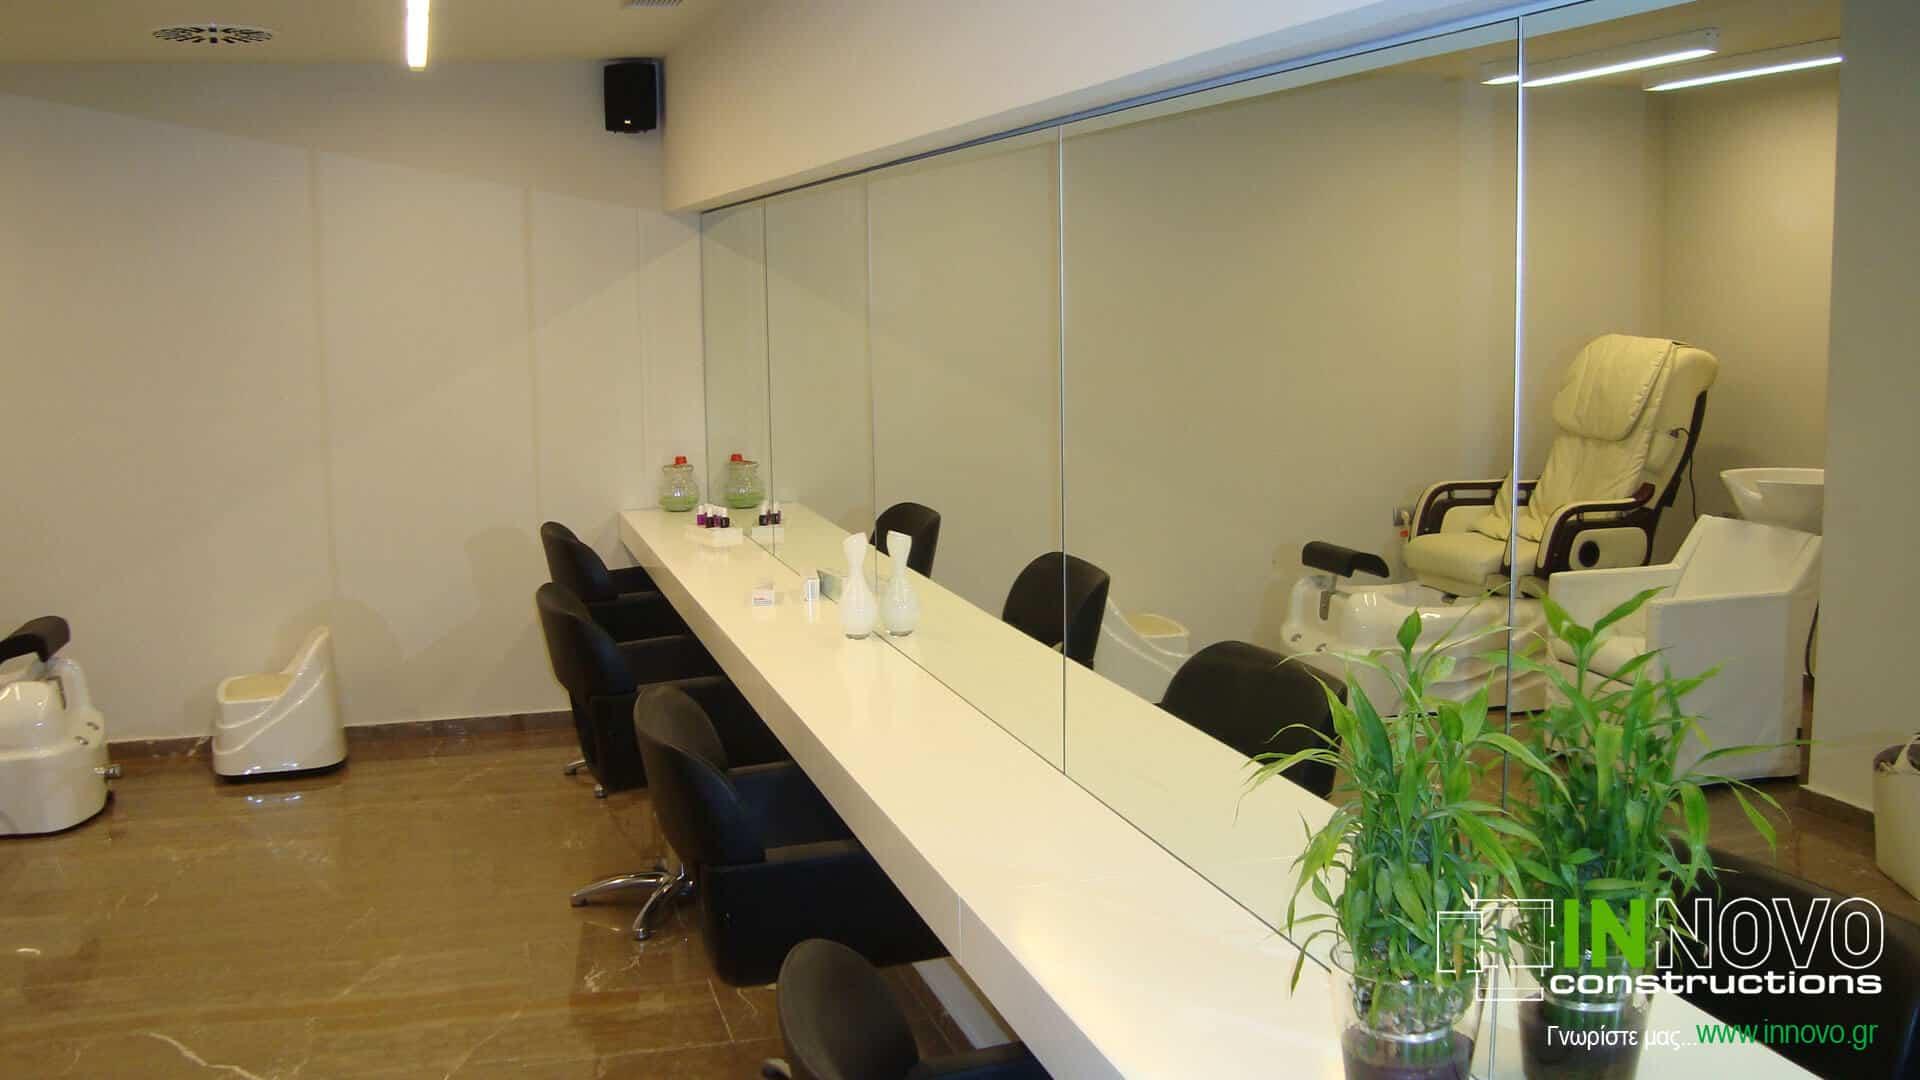 kataskevi-kommotiriou-hairdressers-construction-kommotirio-papageorgiou-1020-4